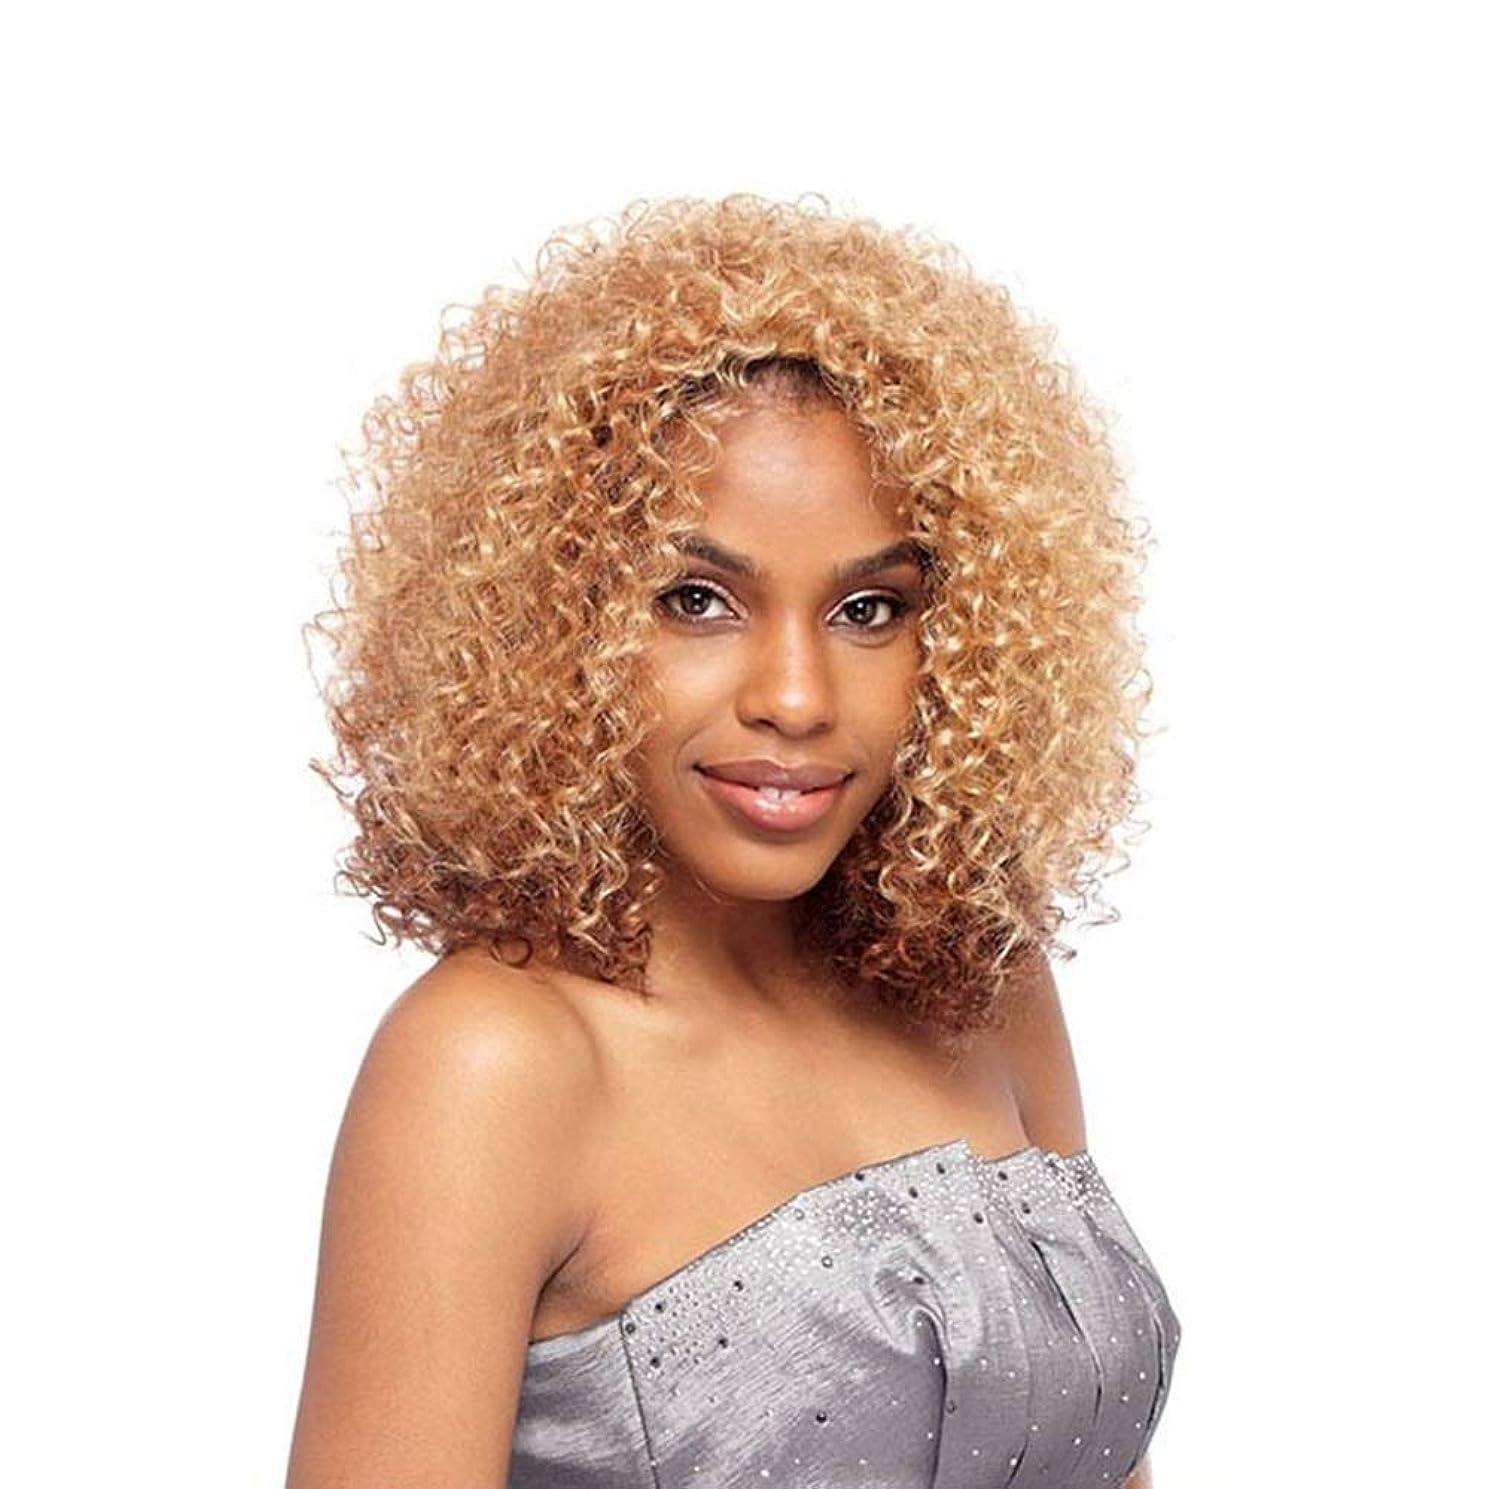 美的ホテル感染するZXF かつらヨーロッパとアメリカの短い巻き毛の金のかつら女性の爆発ヘッドアフリカ黒高温シルク化学繊維フード 美しい